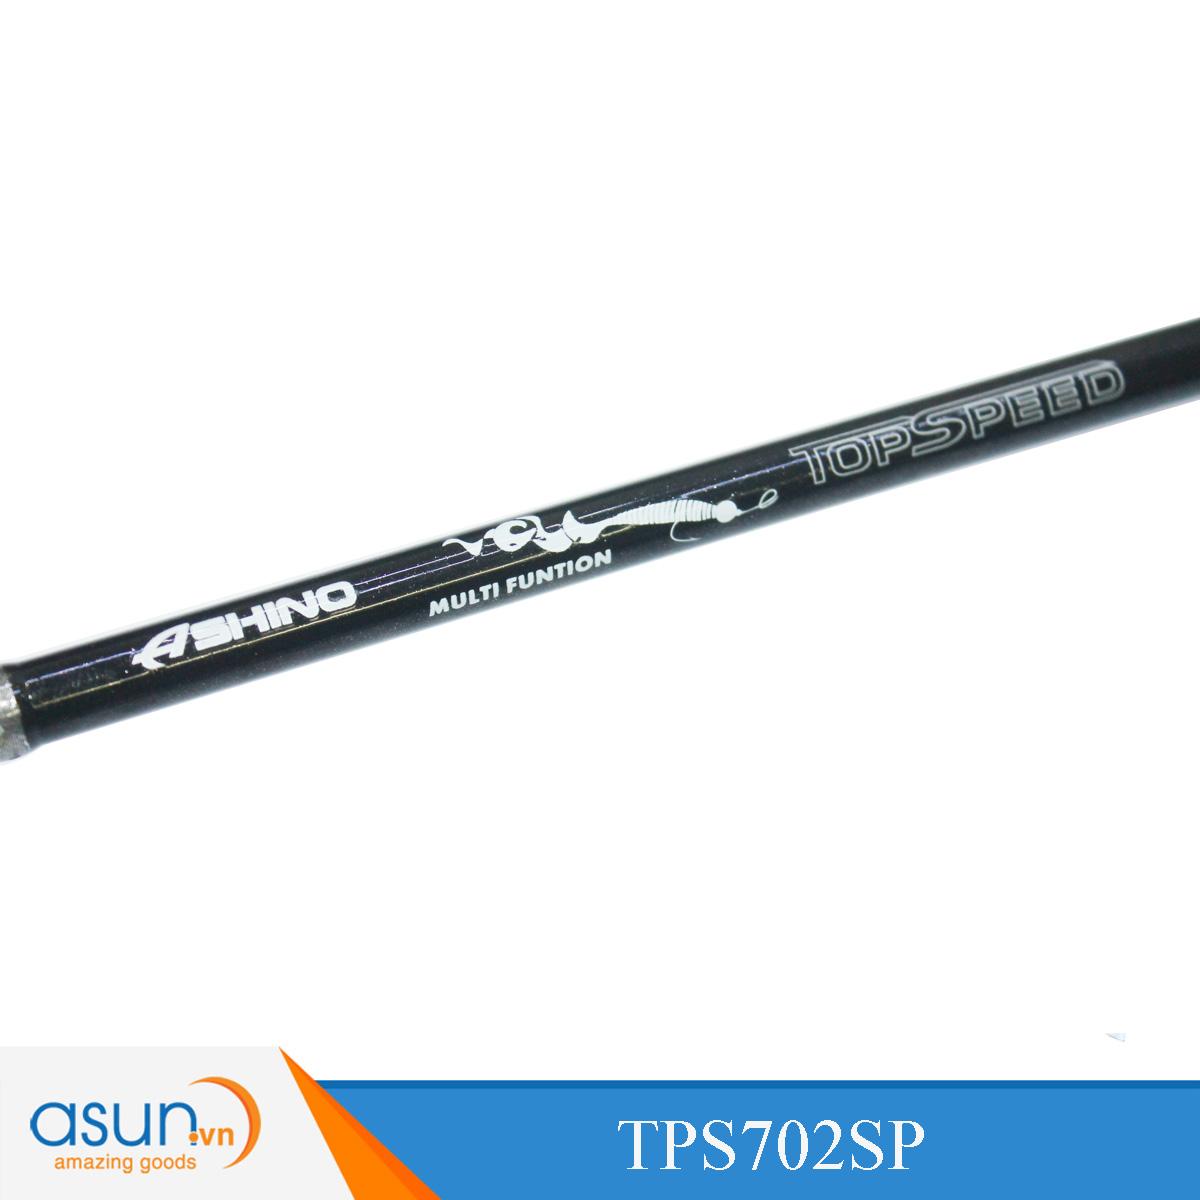 Cần Câu Ngang Hai Khúc Ashino Top Speed TPS702SP - 2m1 - Chính Hãng